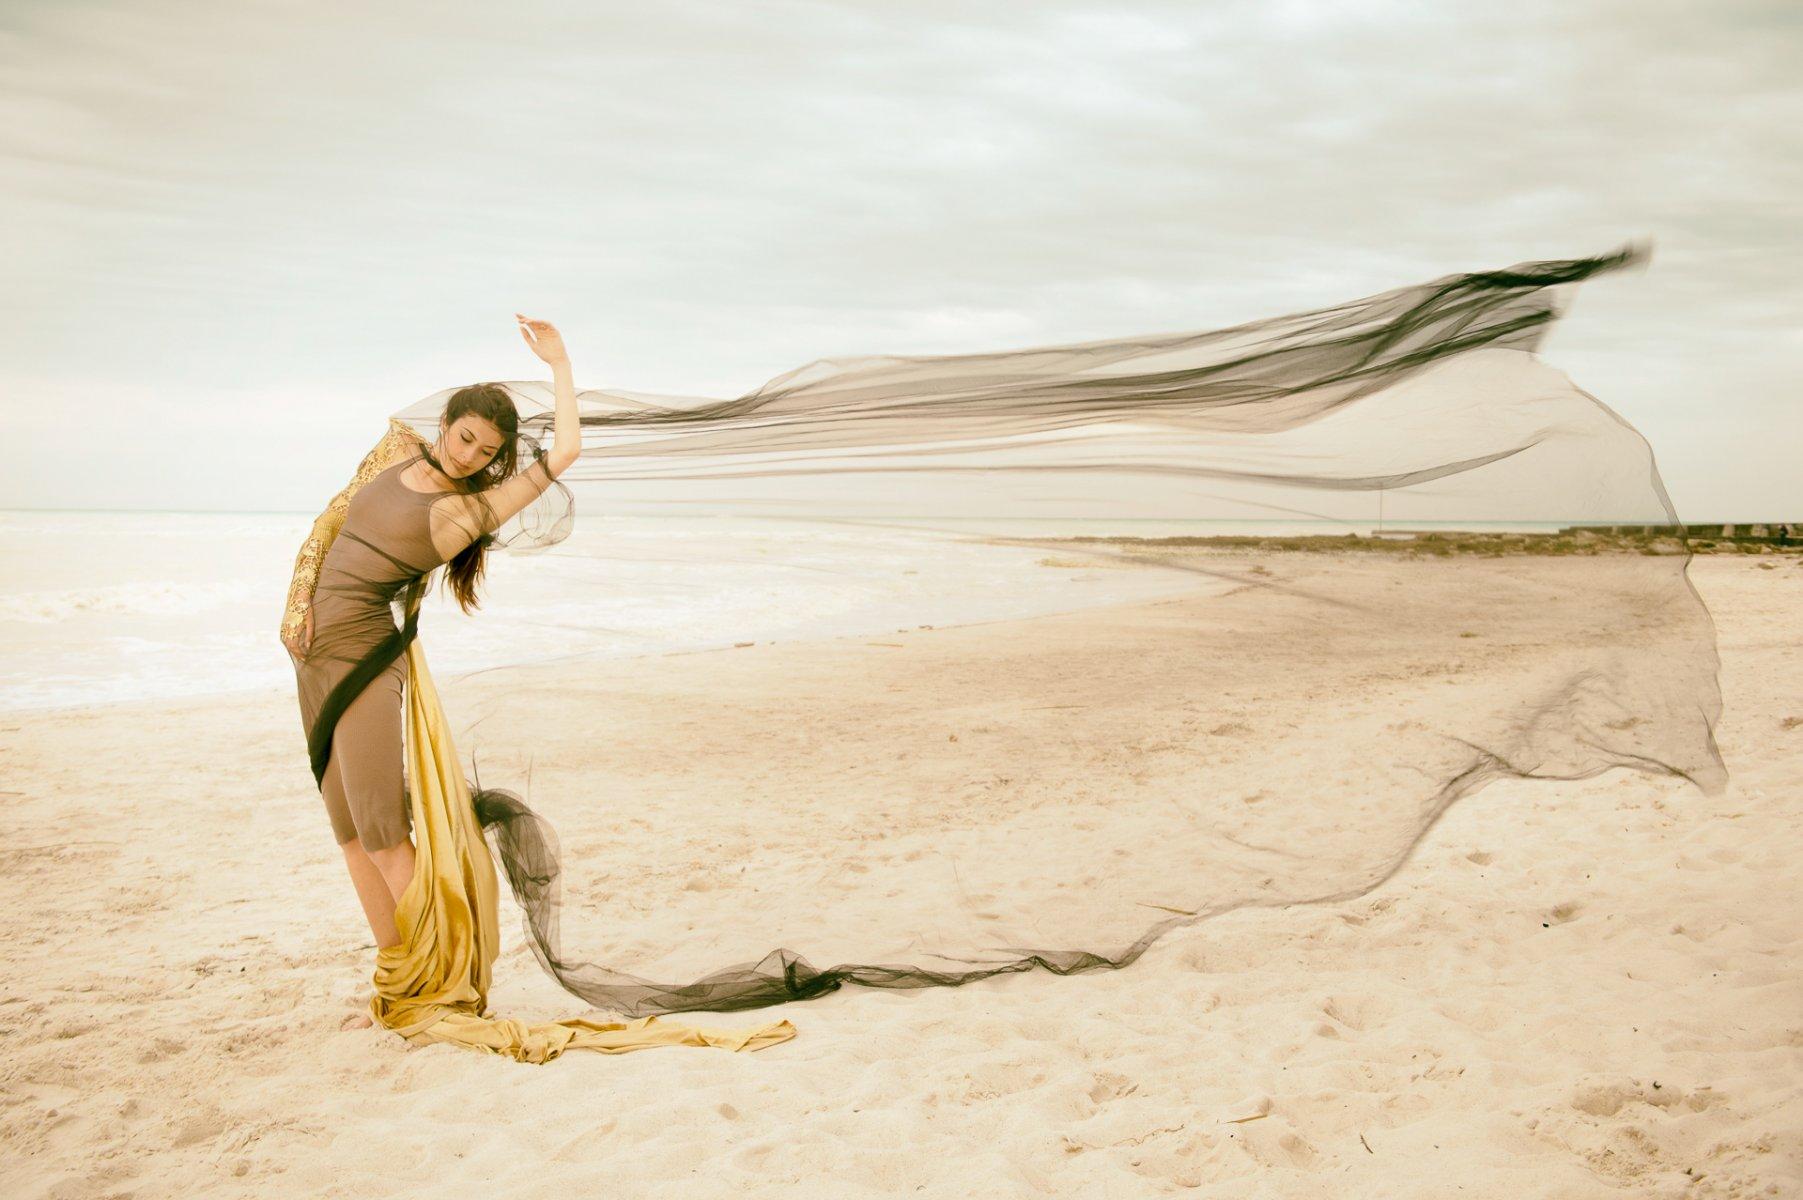 Sea-Queens-Idriss-Guelai-115 Fashion/Adv